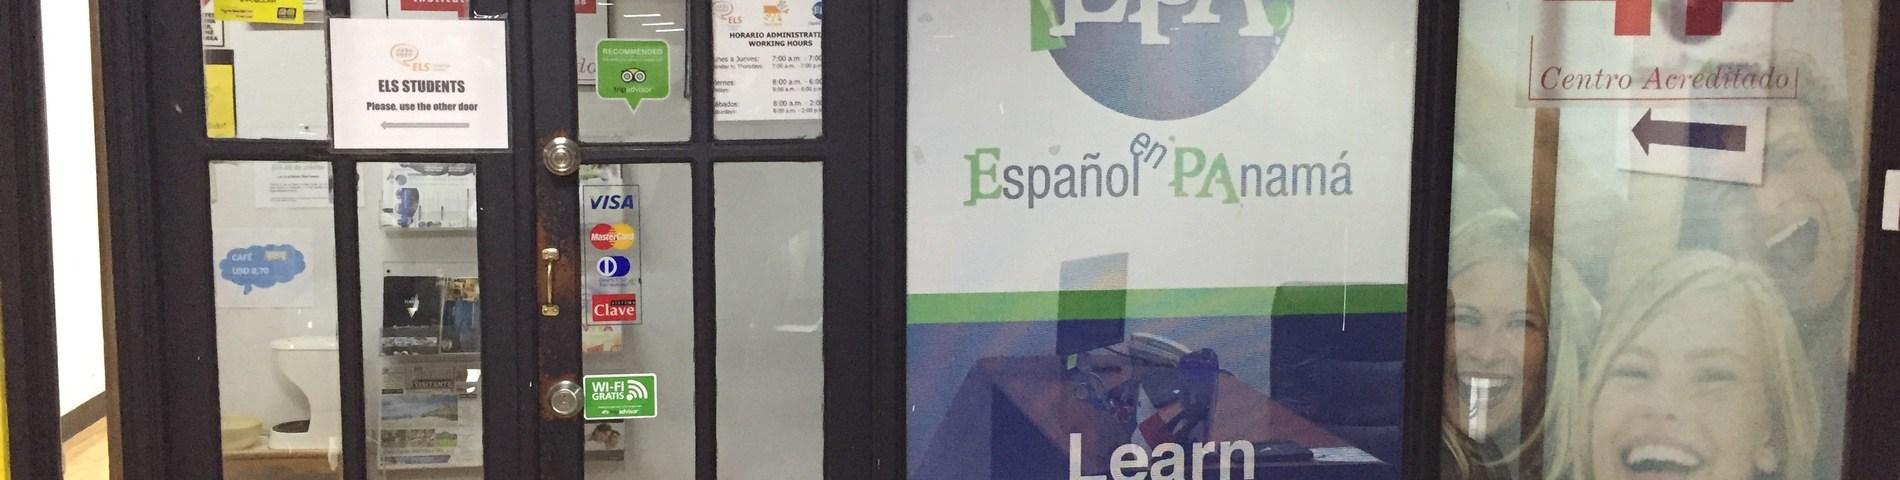 EPA! Español en Panamá صورة 1